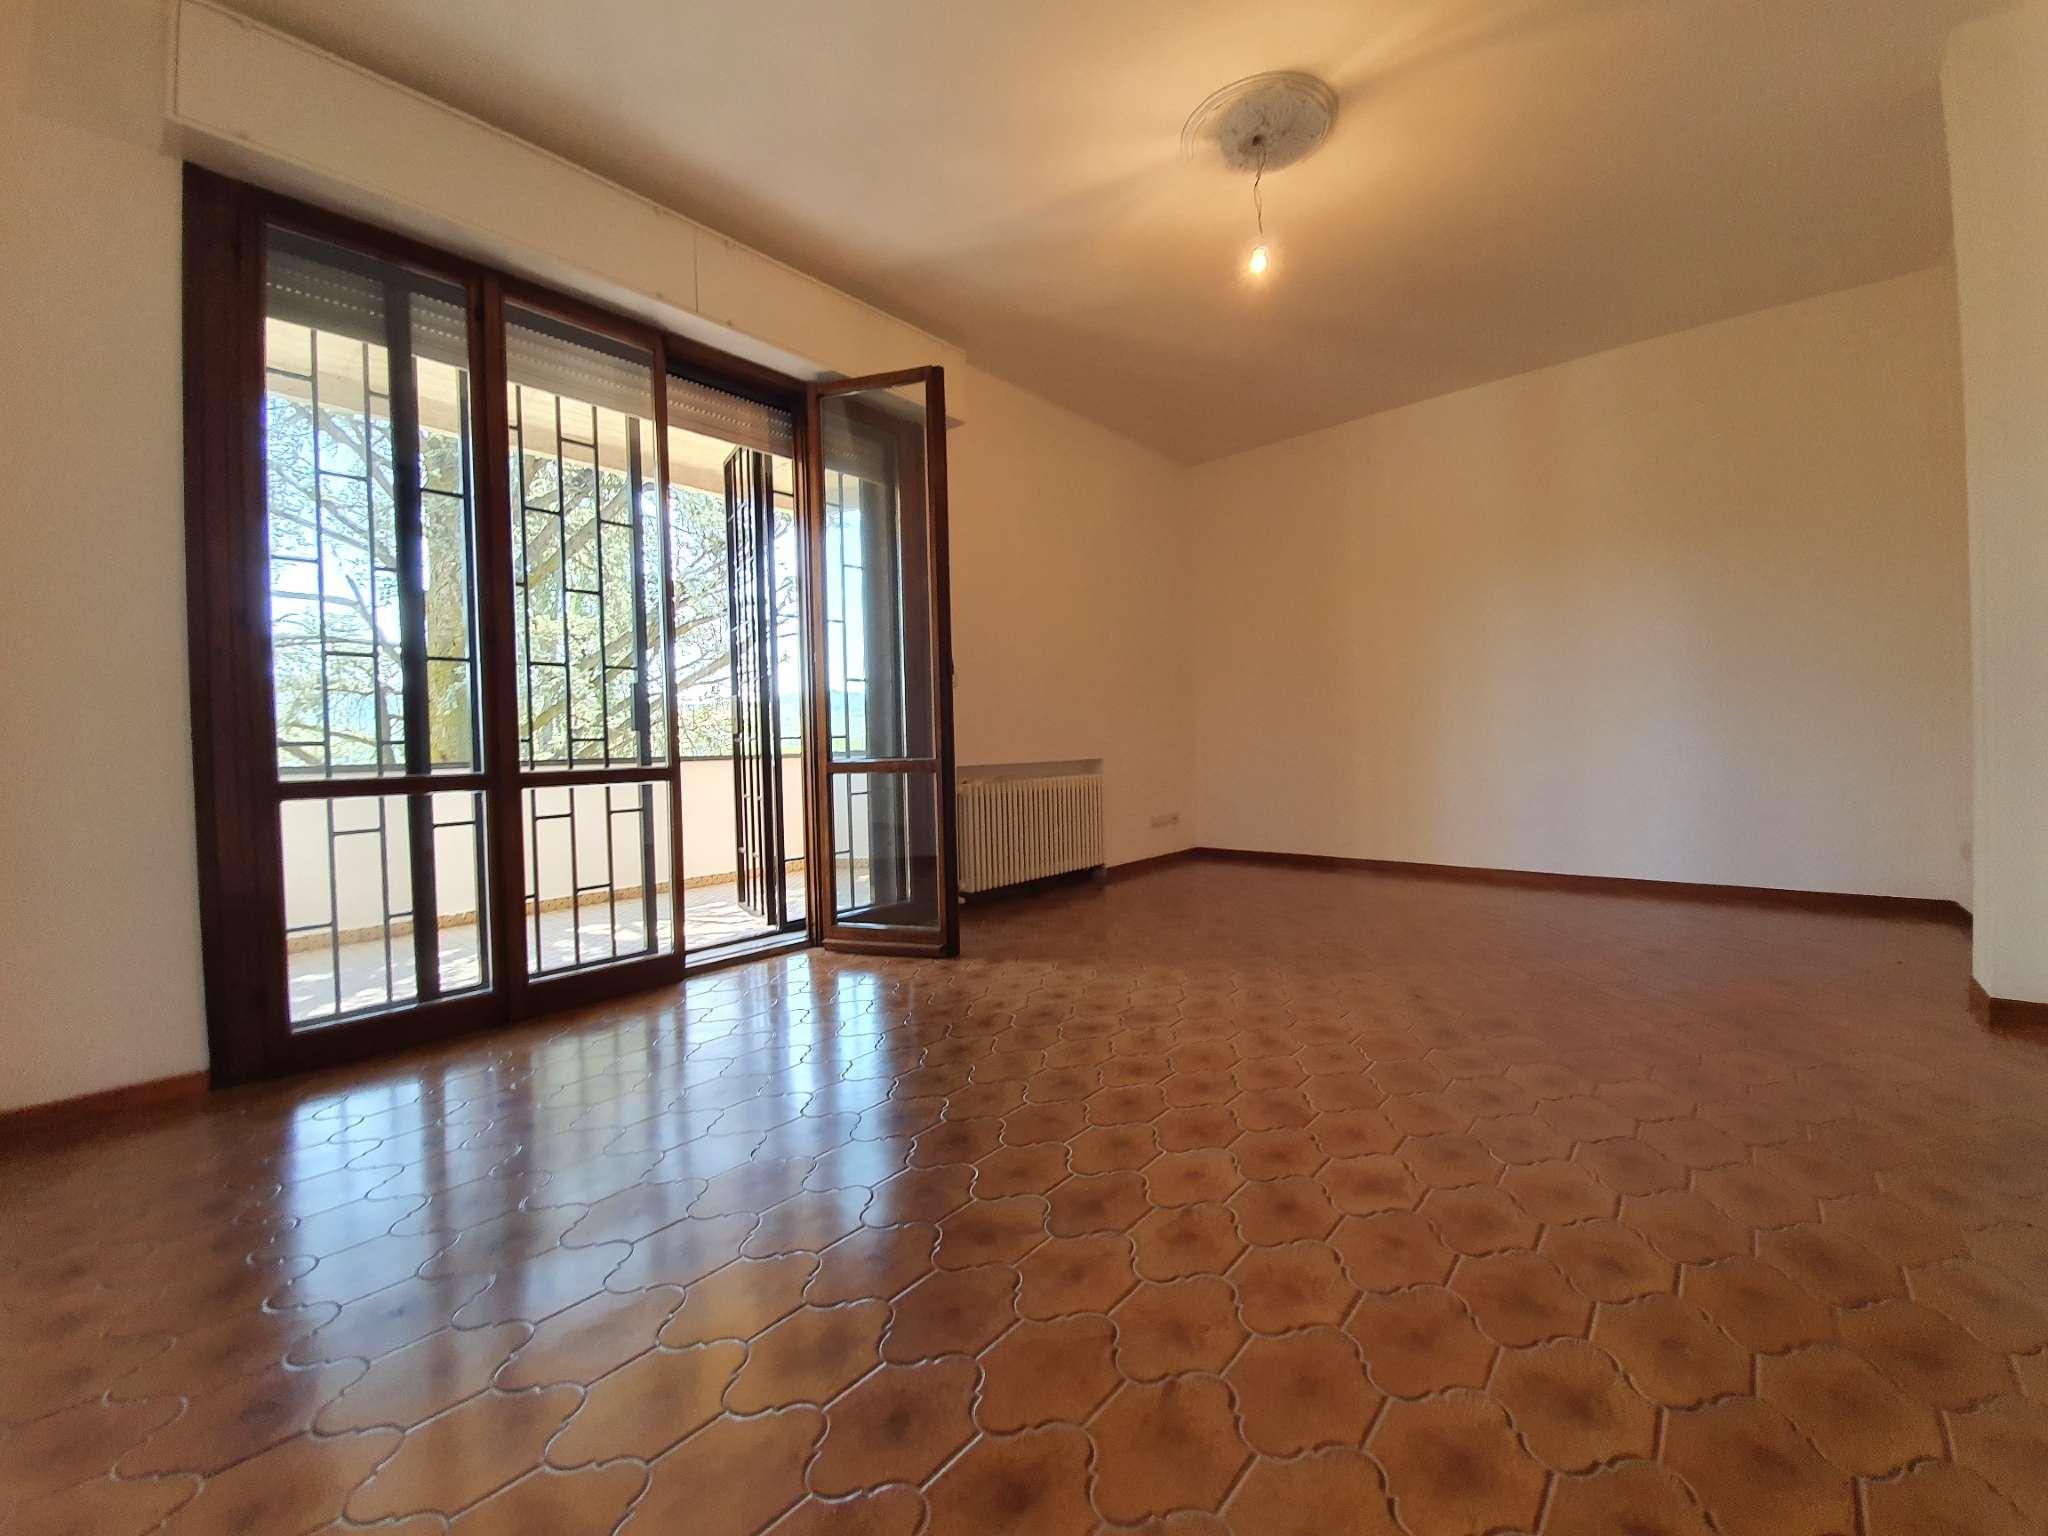 Appartamento in vendita a Sasso Marconi, 6 locali, prezzo € 295.000 | PortaleAgenzieImmobiliari.it